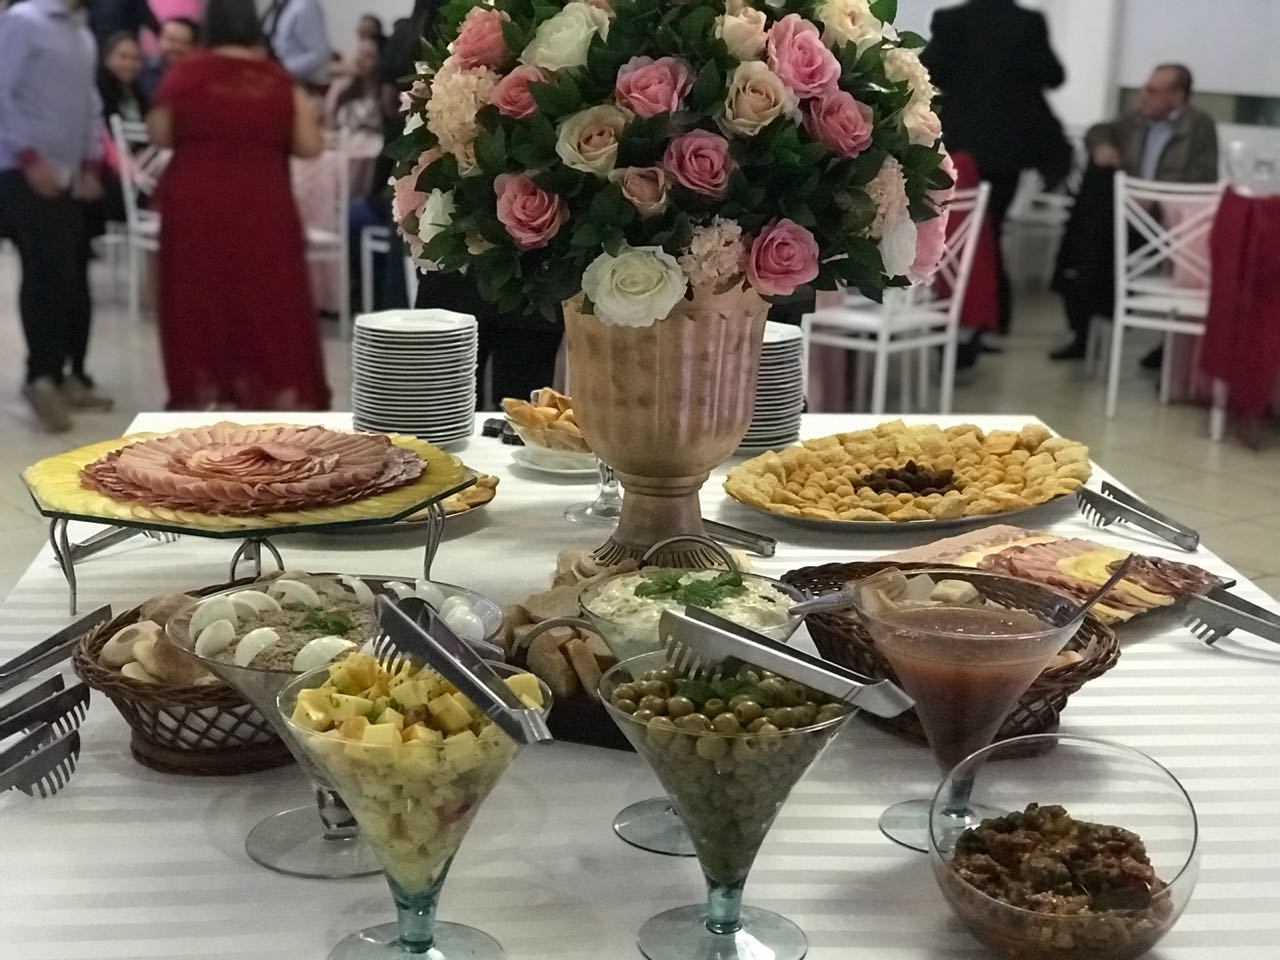 buffet especial dilson festas rh dilsonfestas com br